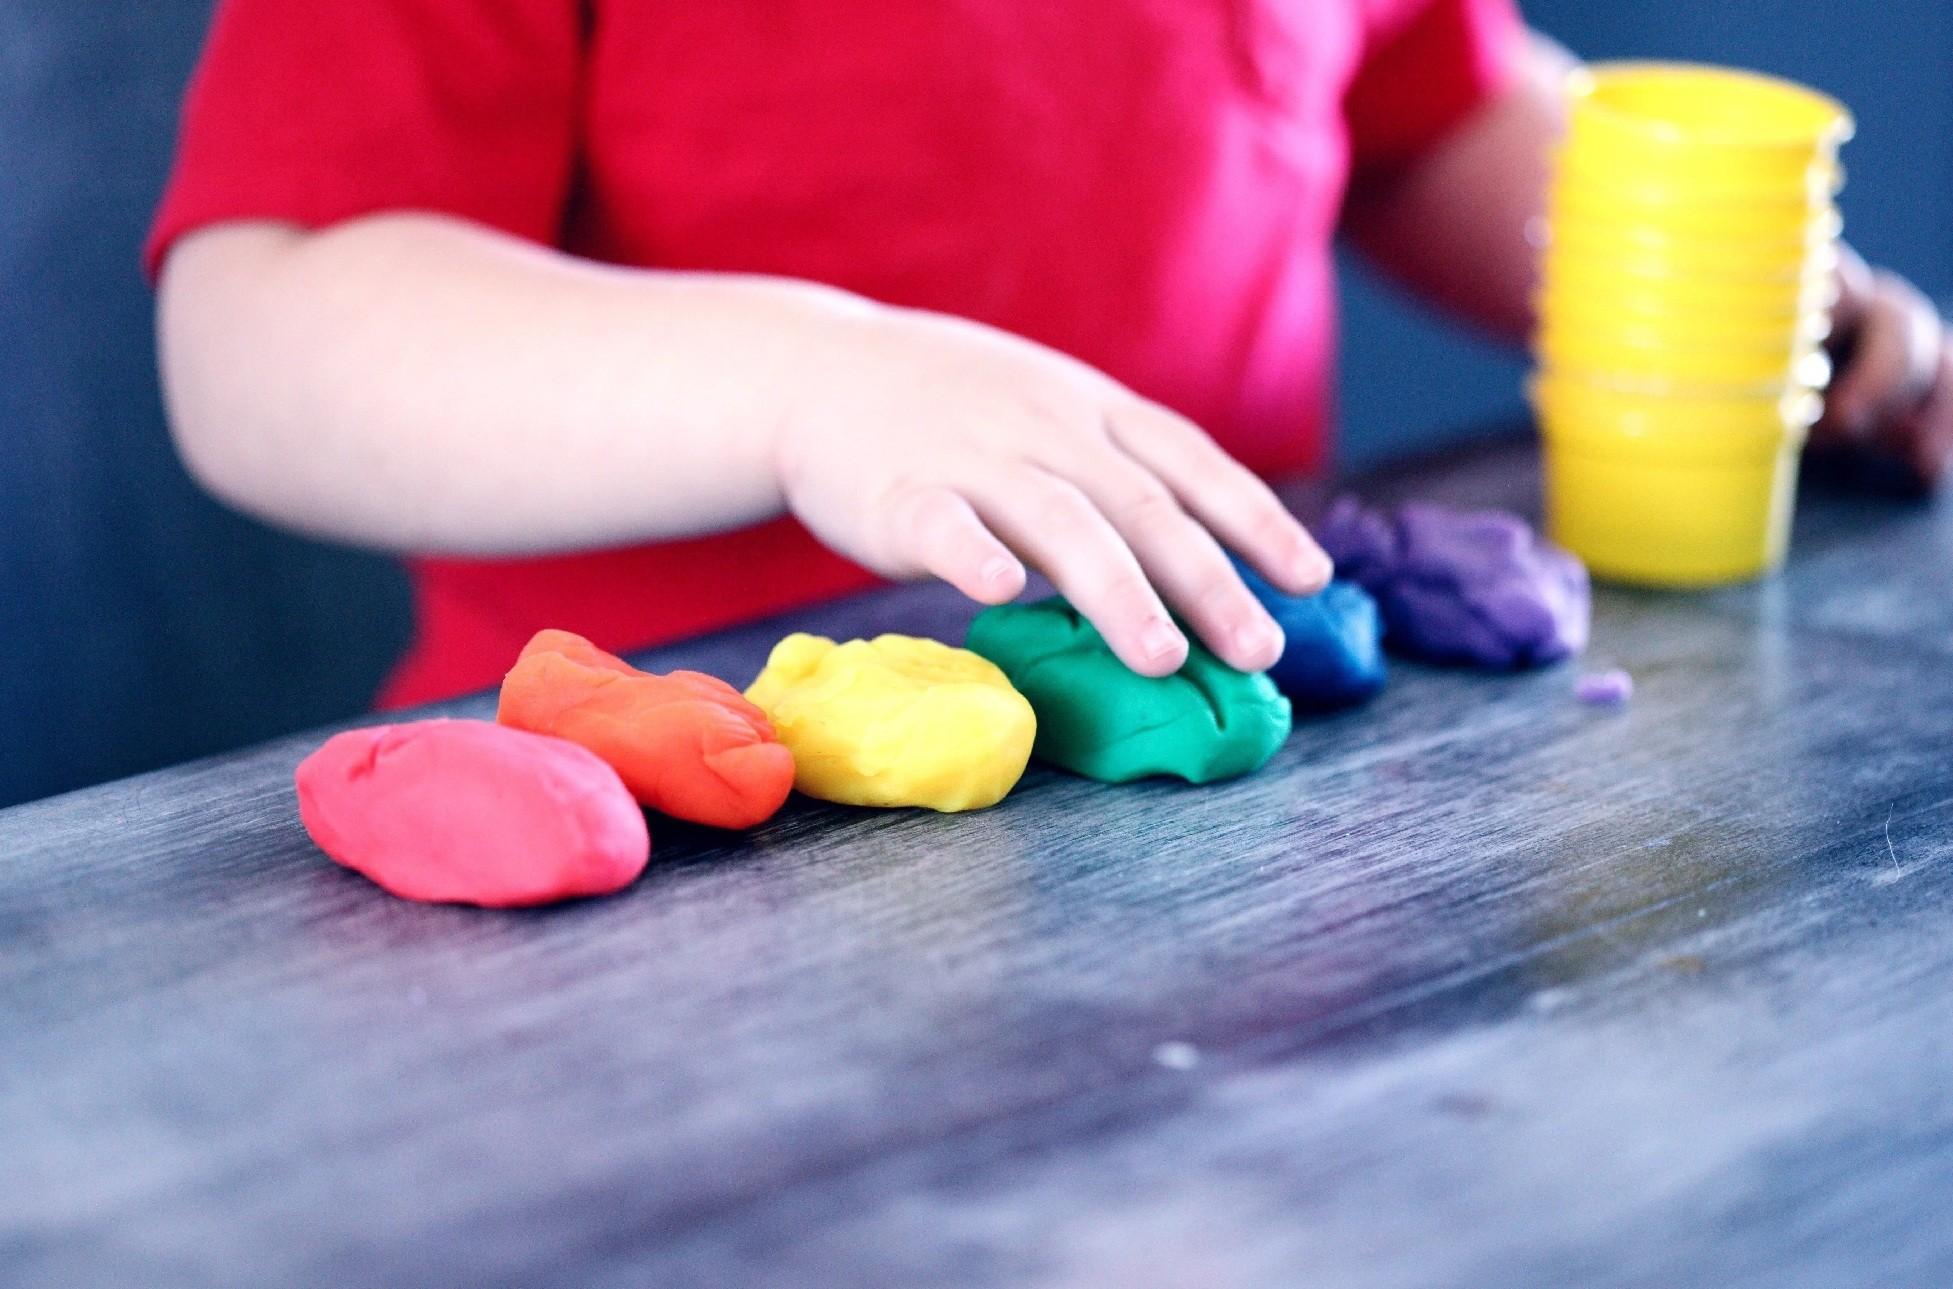 Criança brincando com massinha colorida (Foto: Sharon McCutcheon)